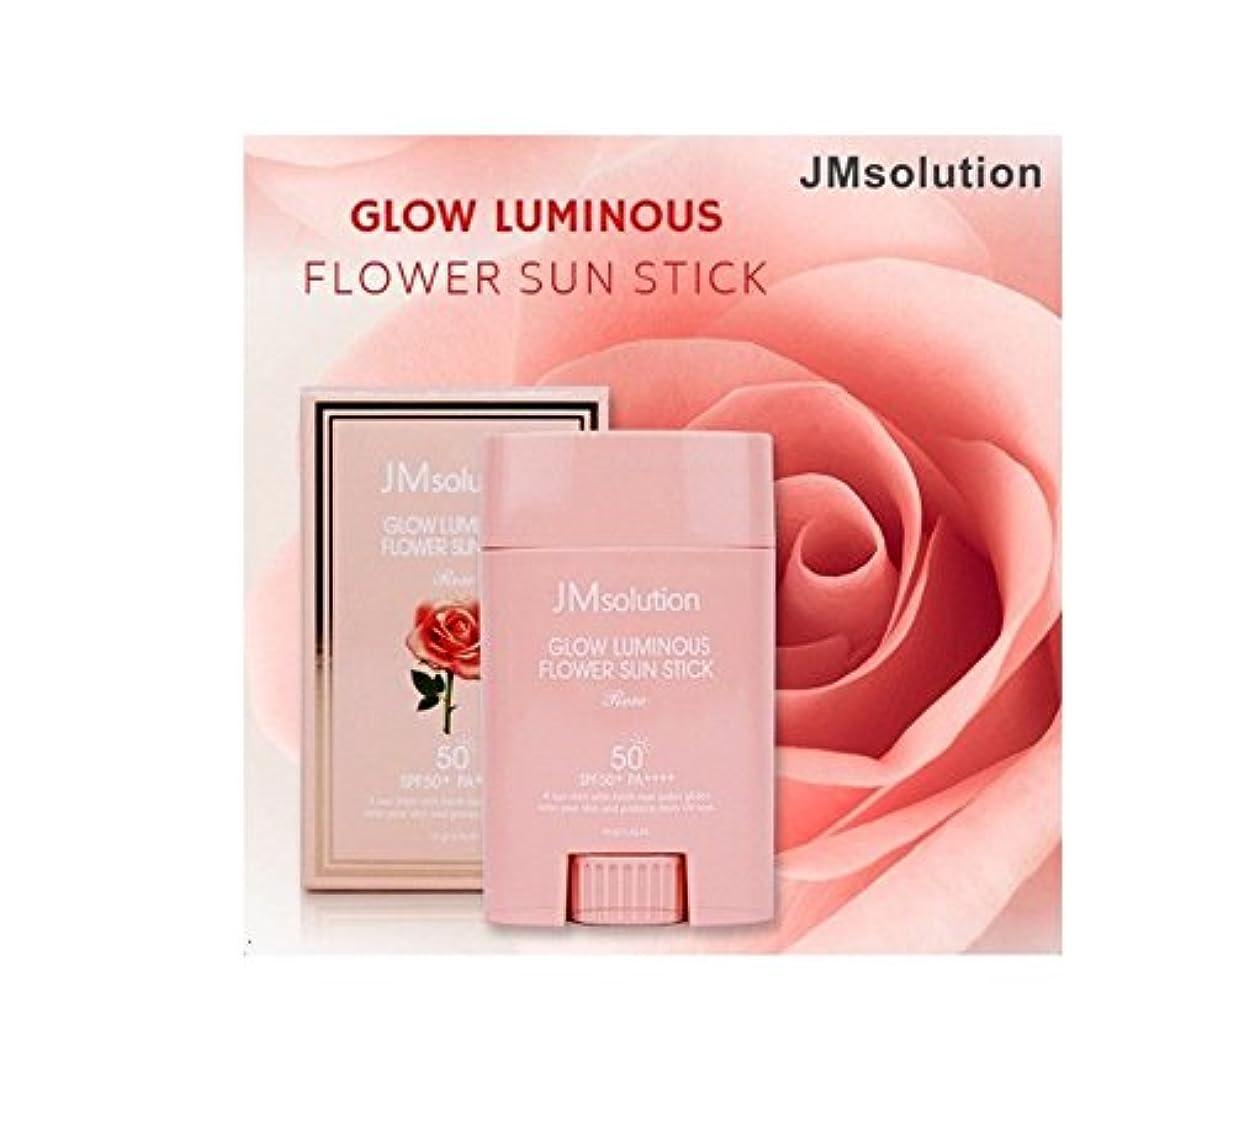 法王迅速軽くJM Solution Glow Luminous Flower Sun Stick Rose 21g (spf50 PA) 光る輝く花Sun Stick Rose